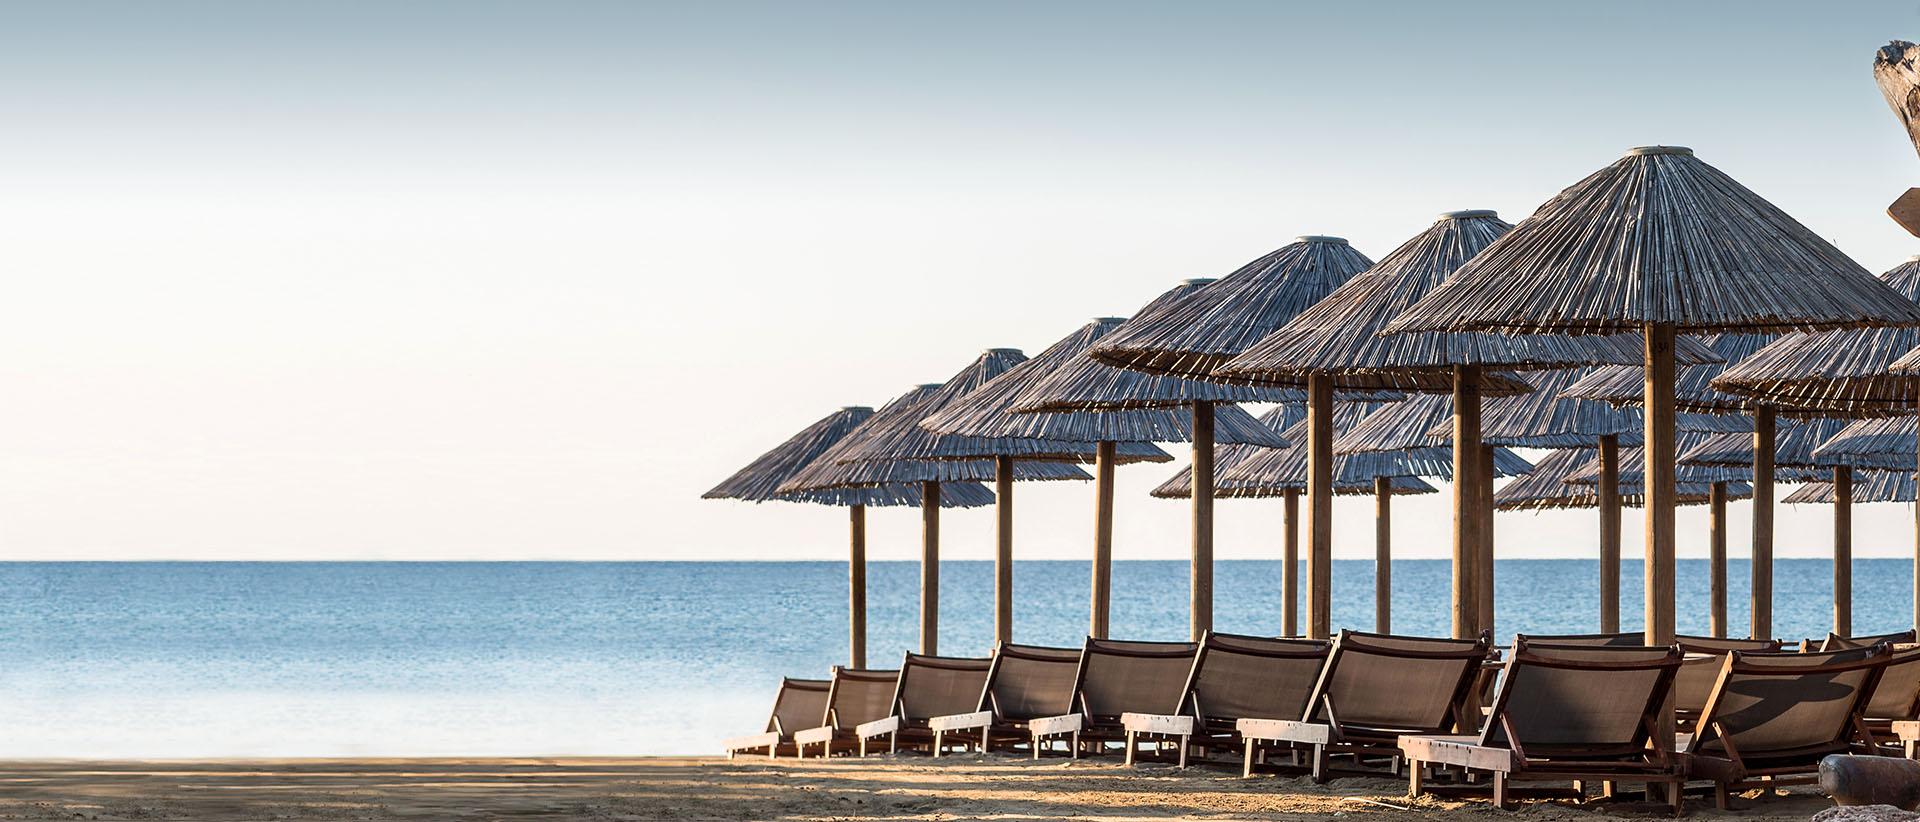 Το απόλυτο beach sports club στην Αττική.